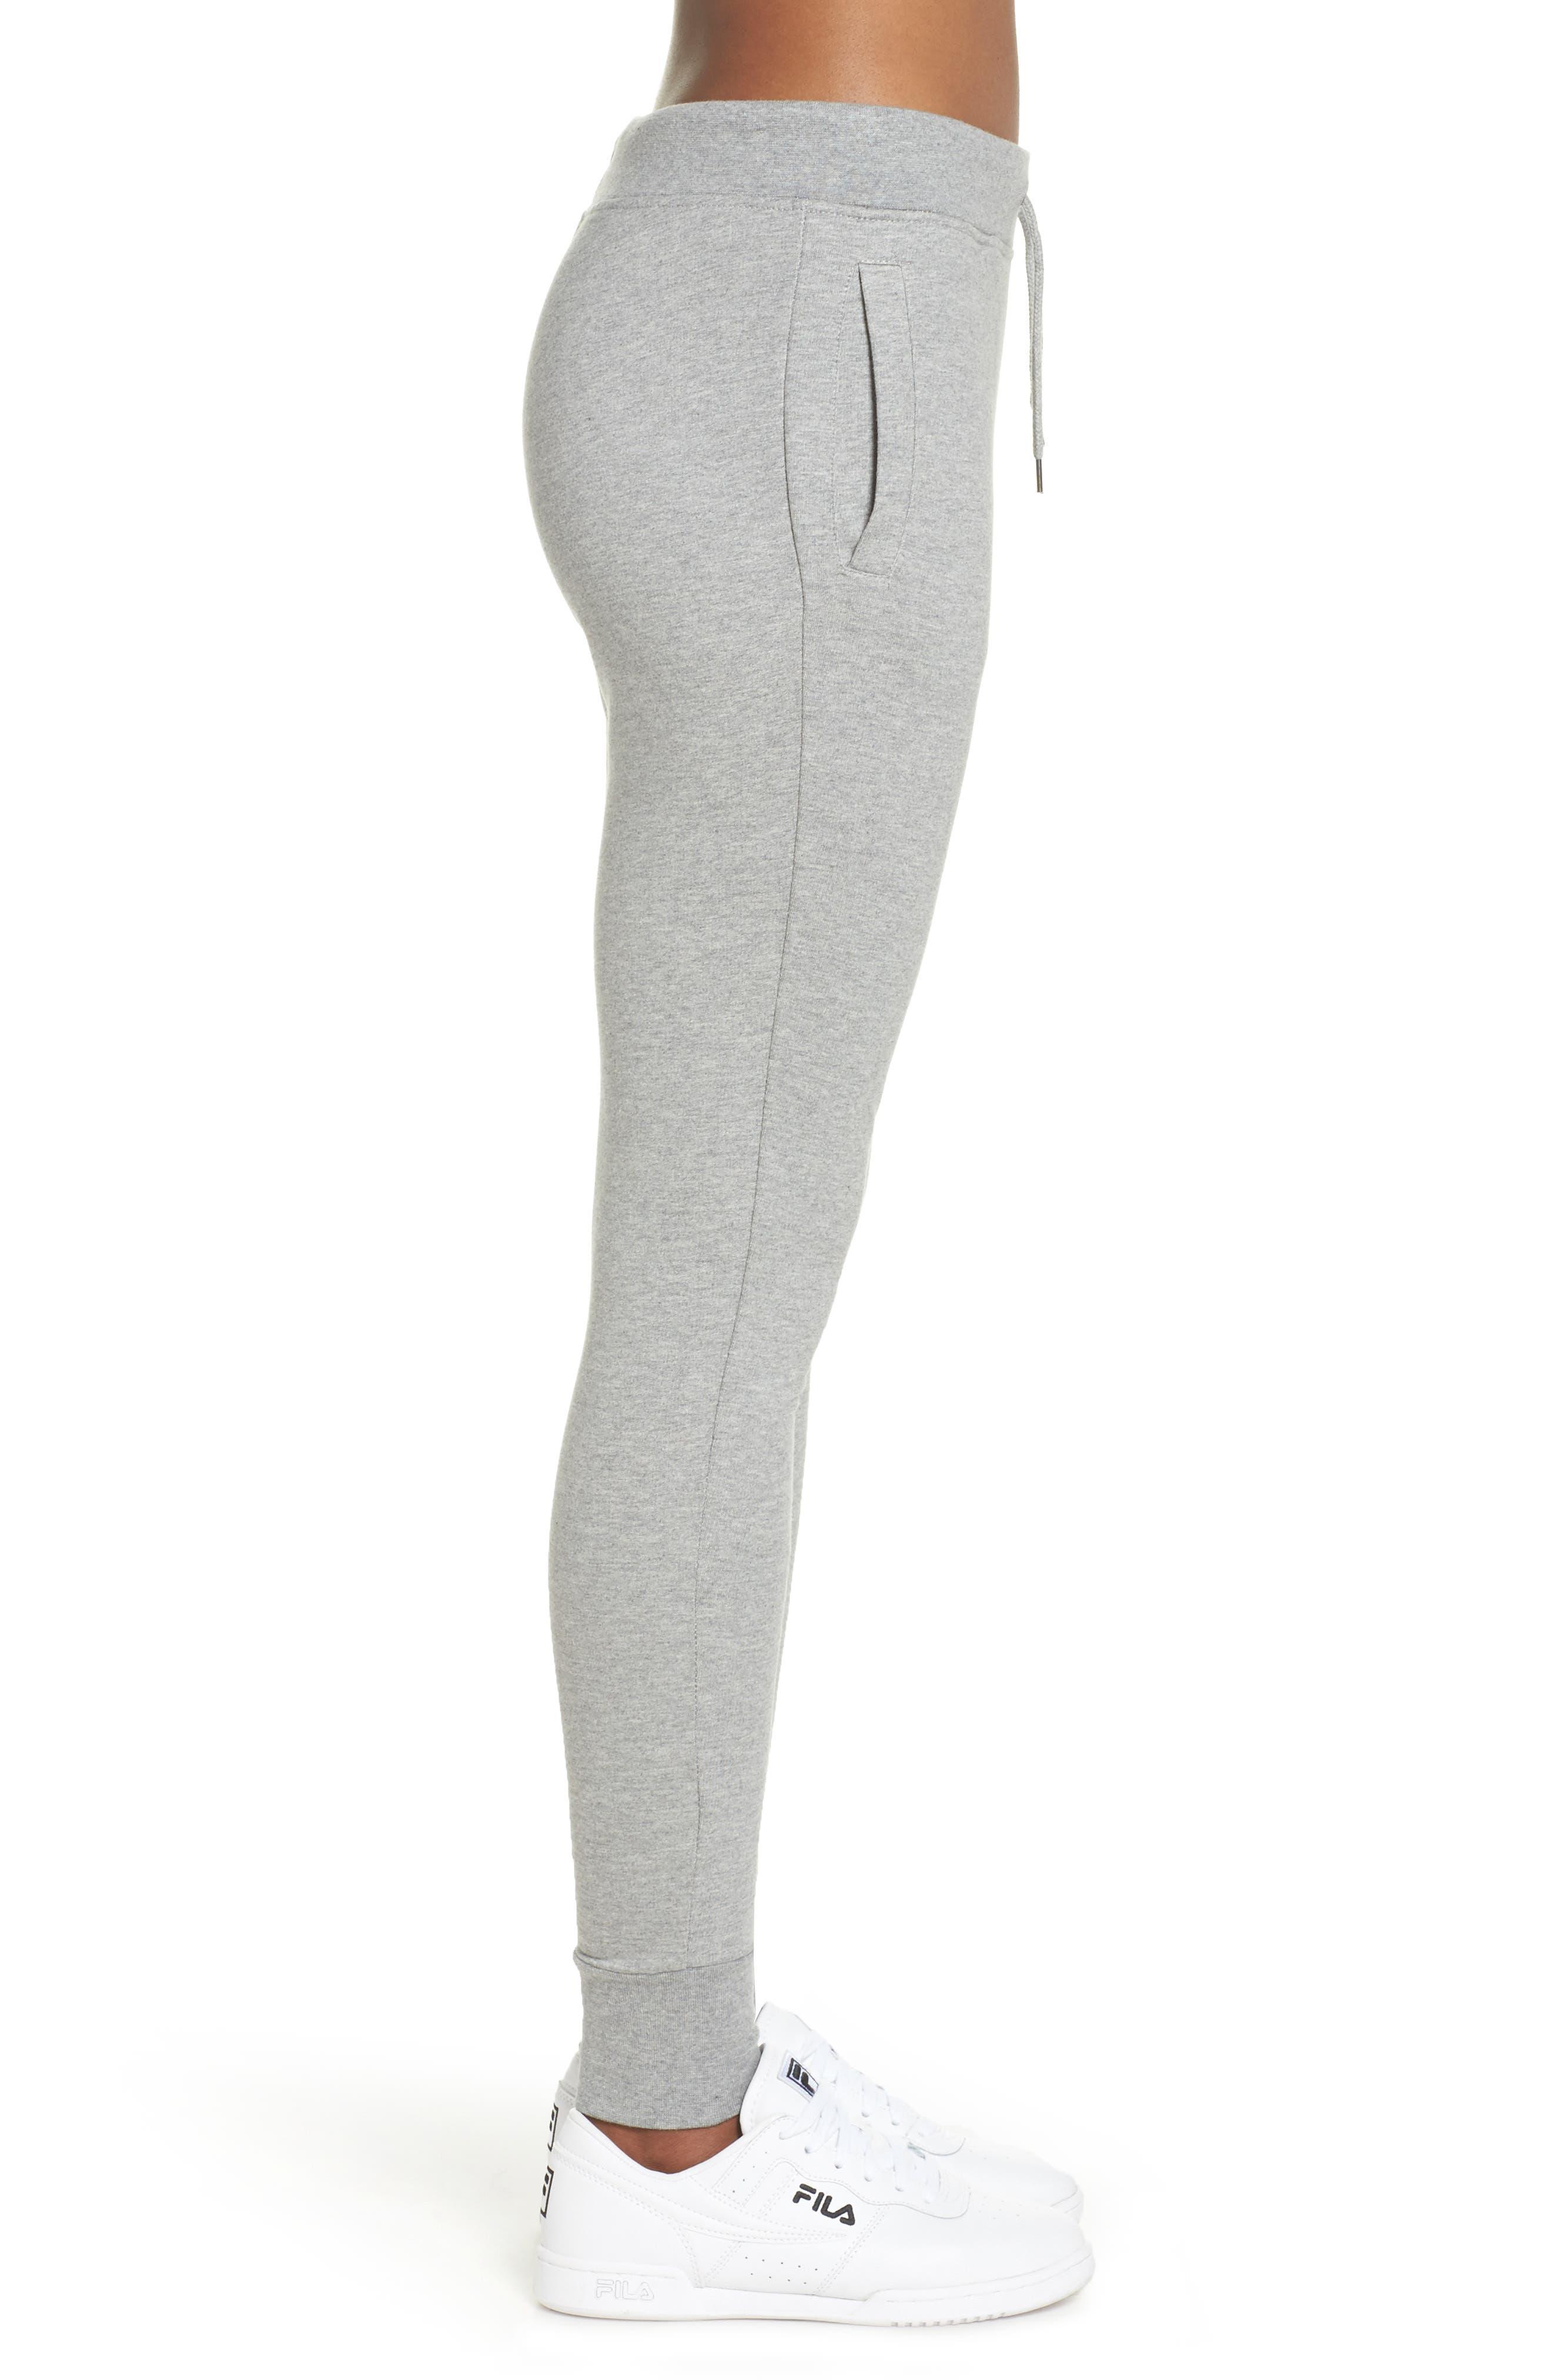 Authentic Cresta Slim Fit Sweatpants,                             Alternate thumbnail 3, color,                             Grey